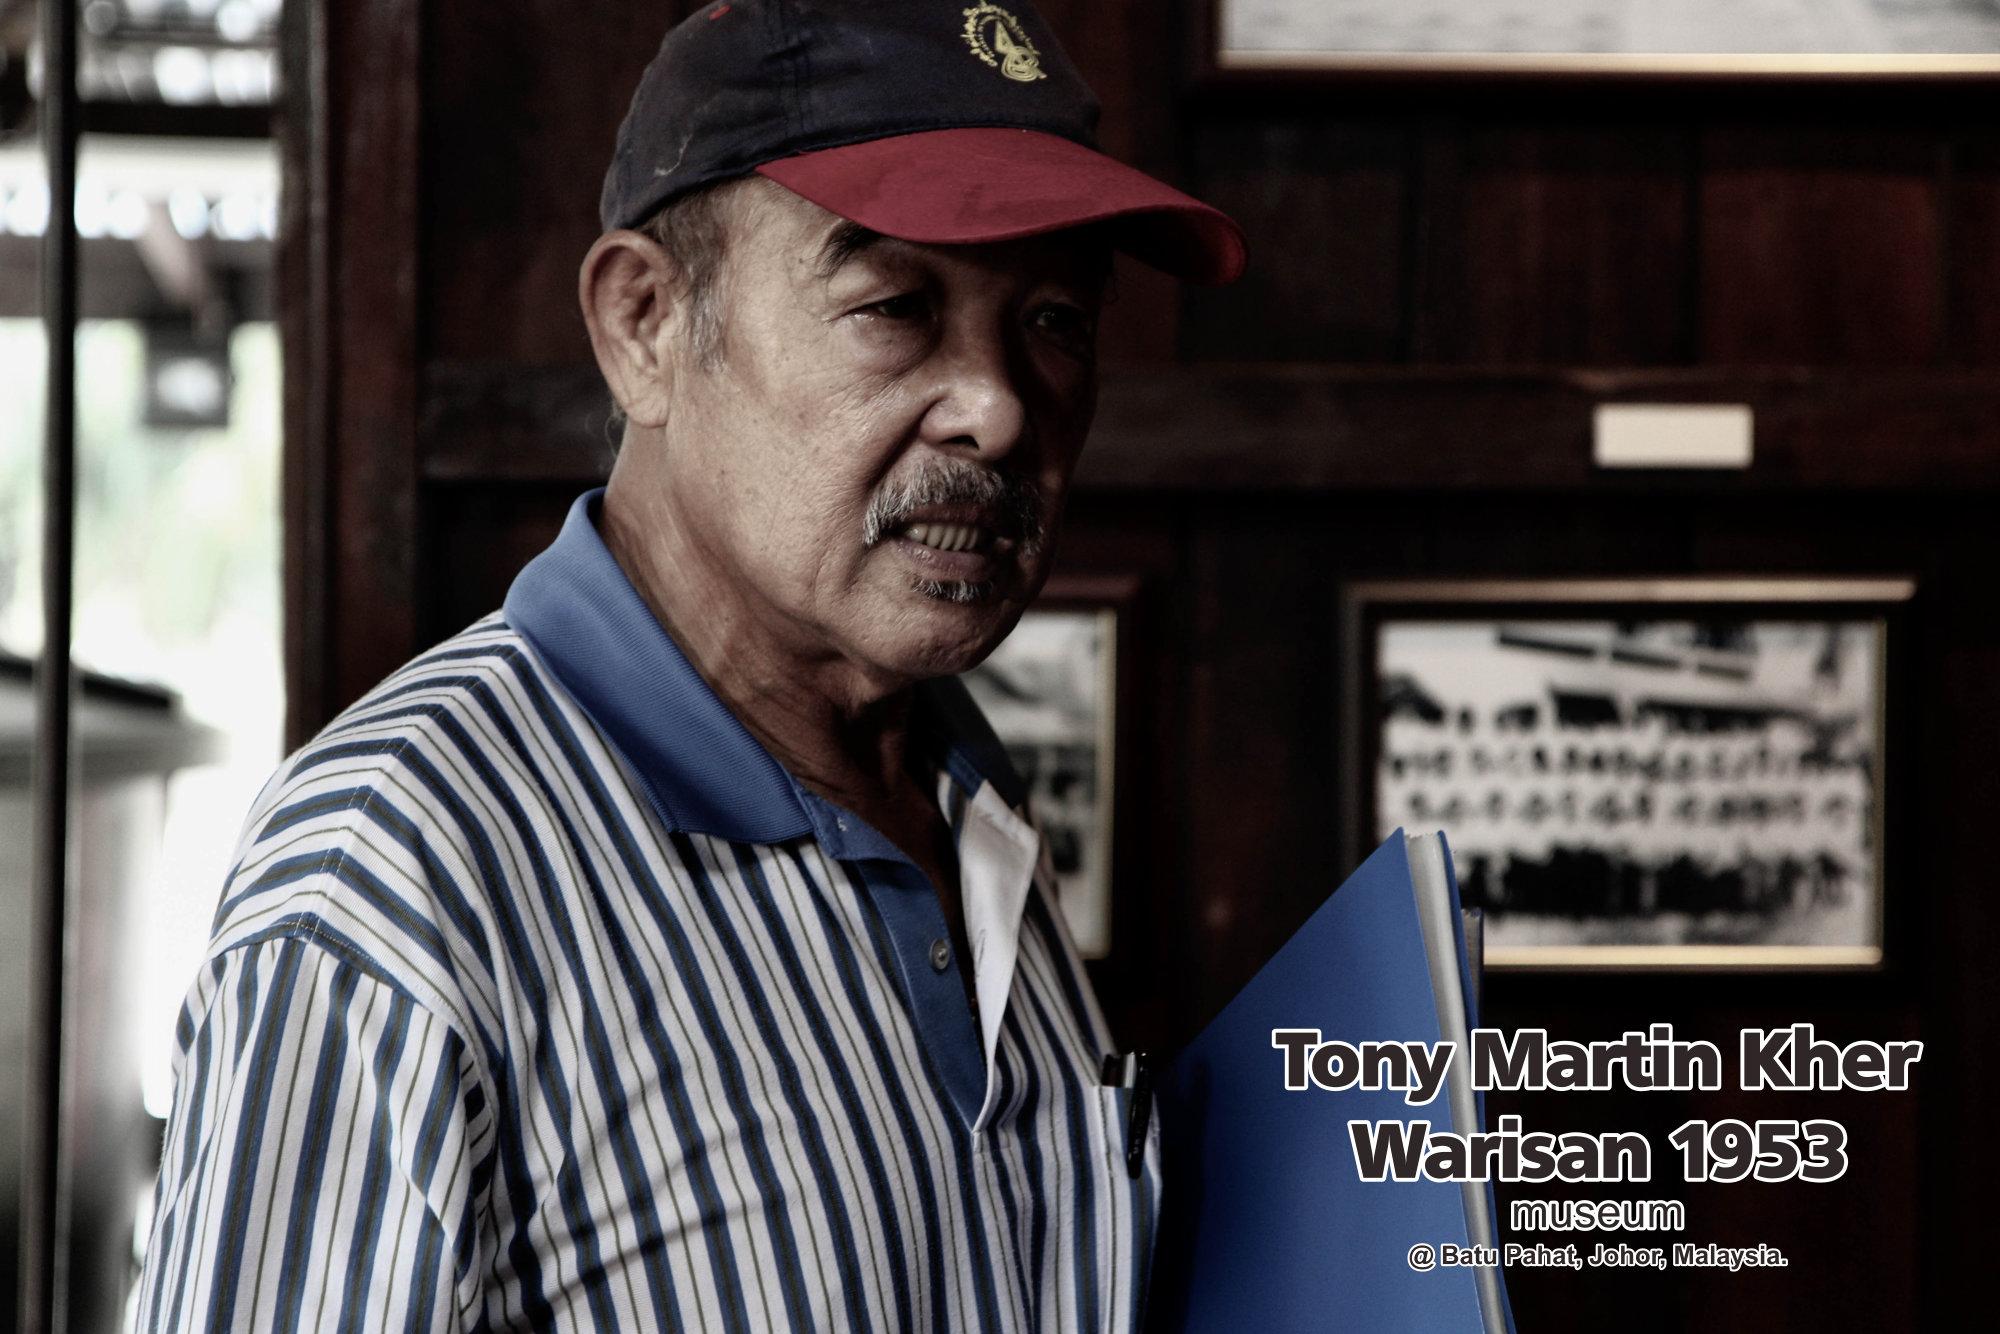 Tony Martin Kher founder of Warisan 1953 Museum at Batu Pahat Johor Malaysia Heritage 1953 Artist Joey Kher A34